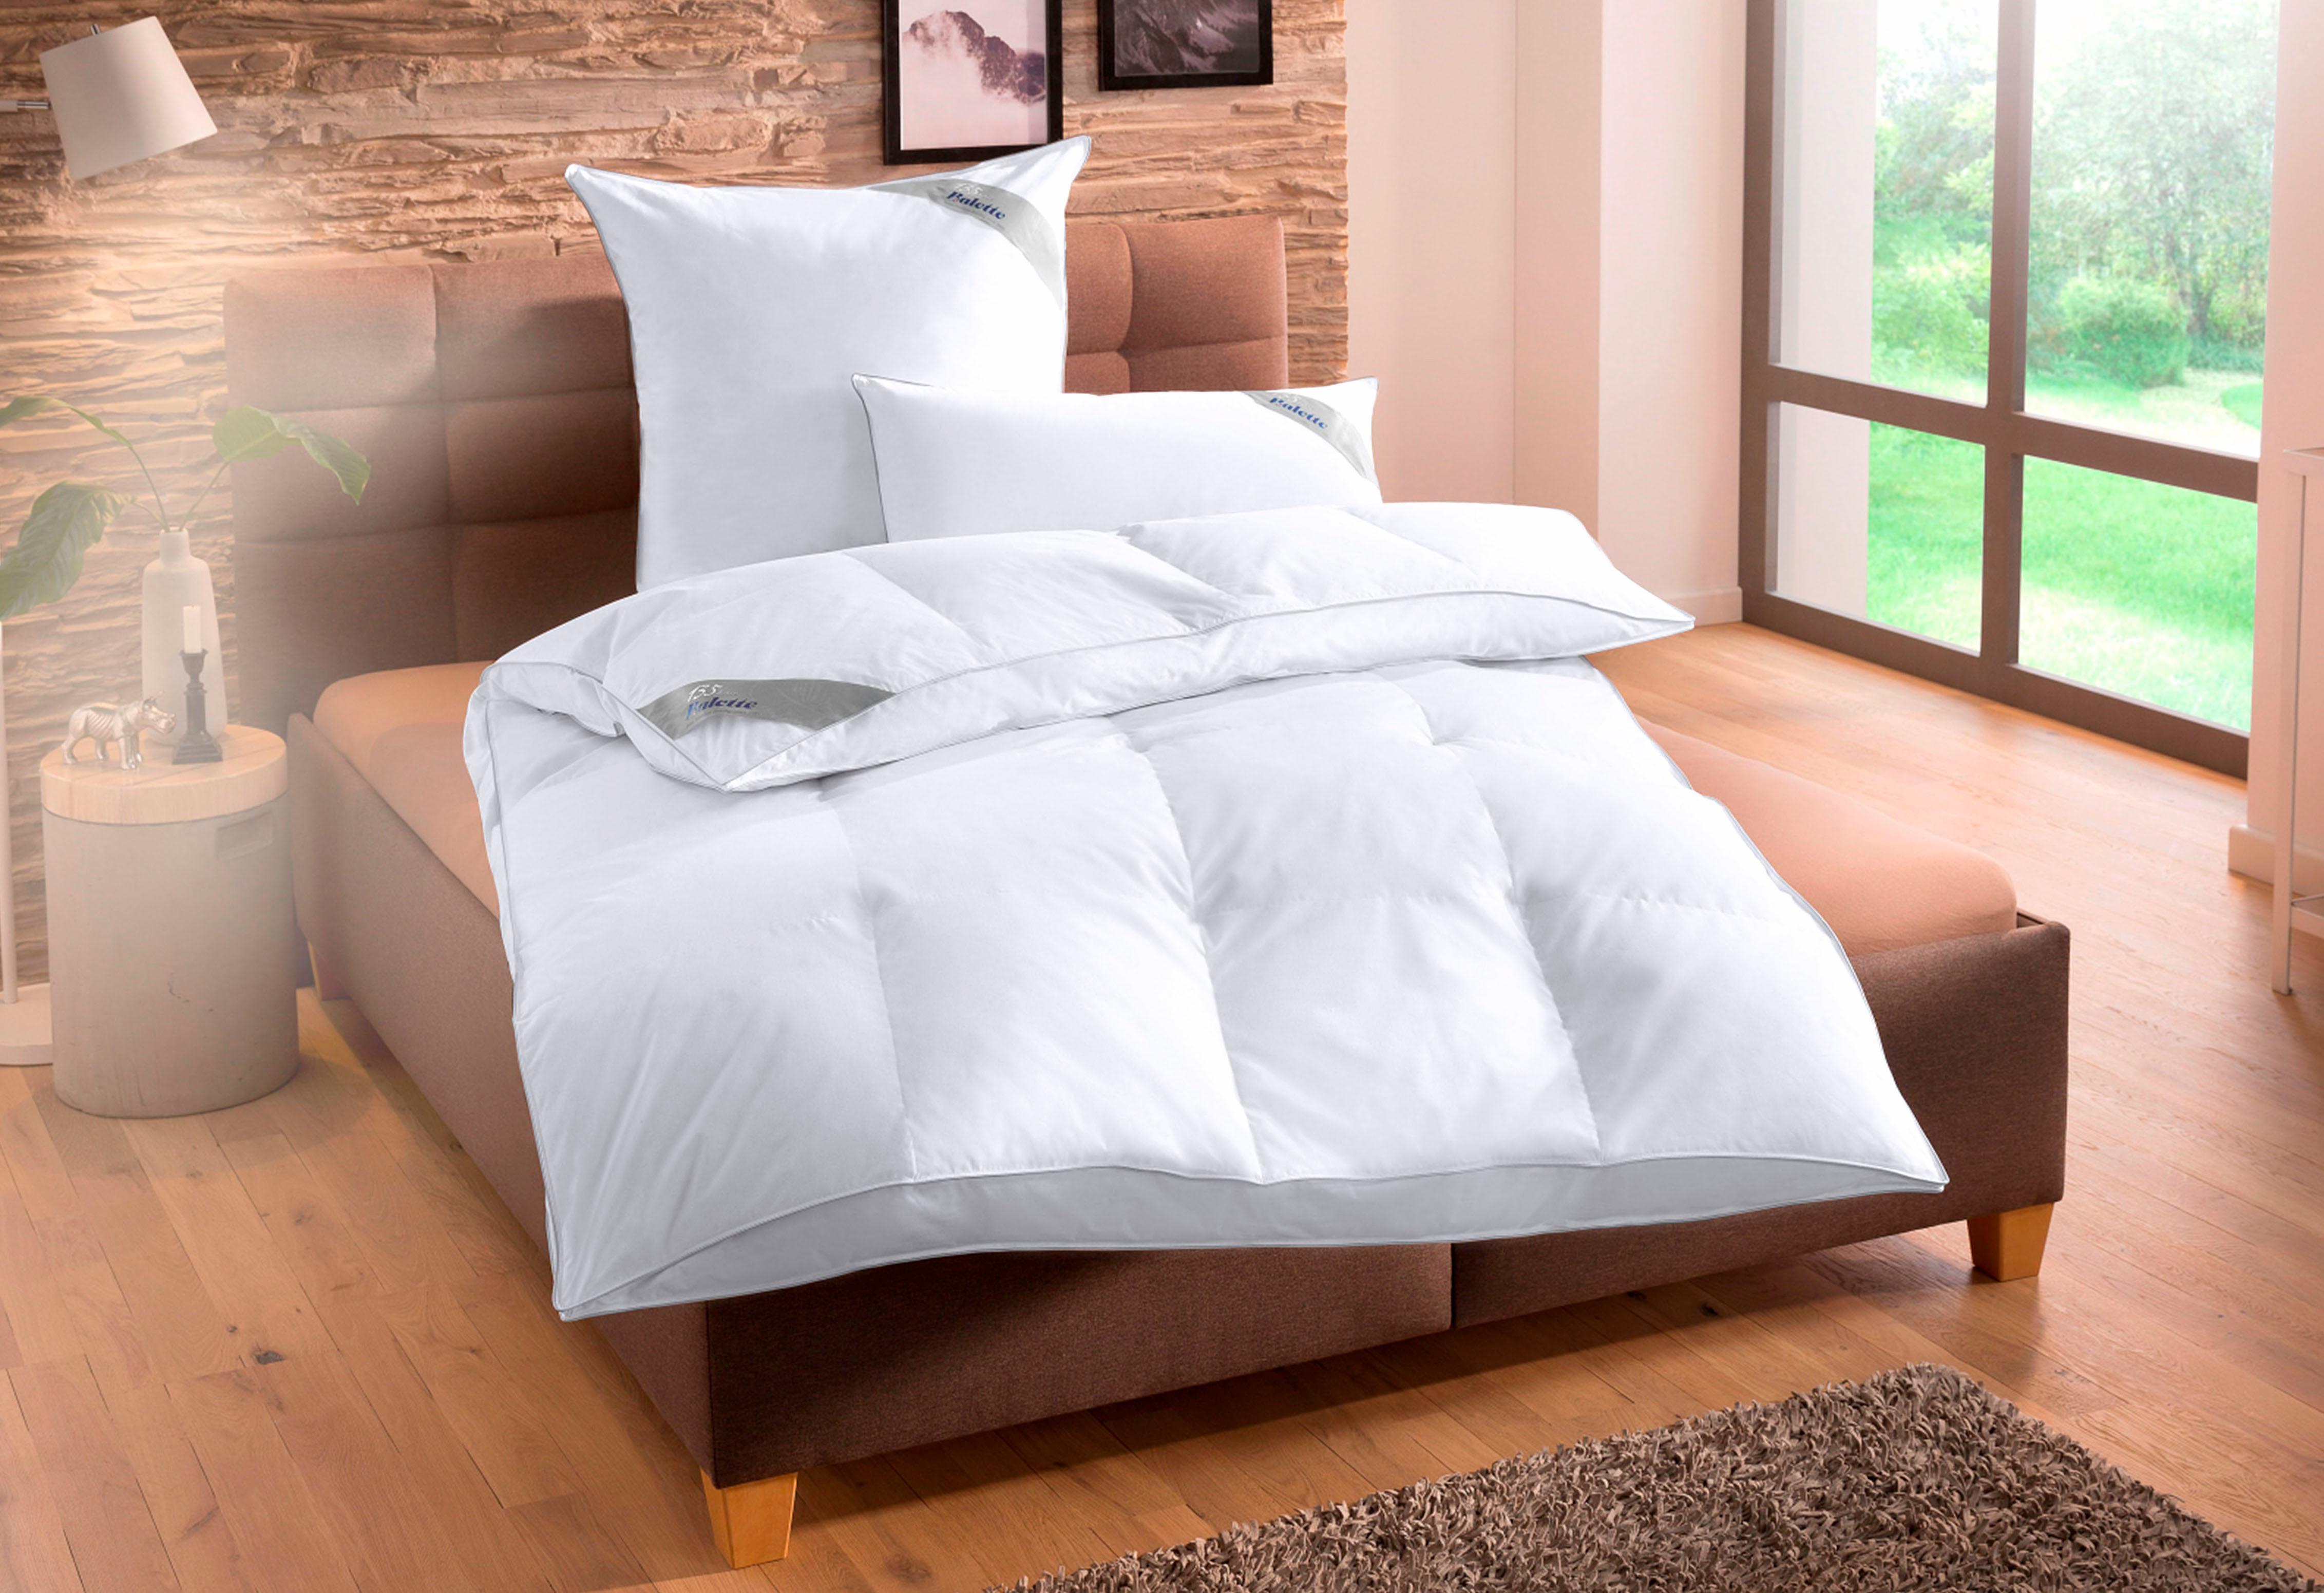 bettdecken herz falten ikea h ngelampe schlafzimmer deko hochzeitsnacht schulz lattenroste. Black Bedroom Furniture Sets. Home Design Ideas